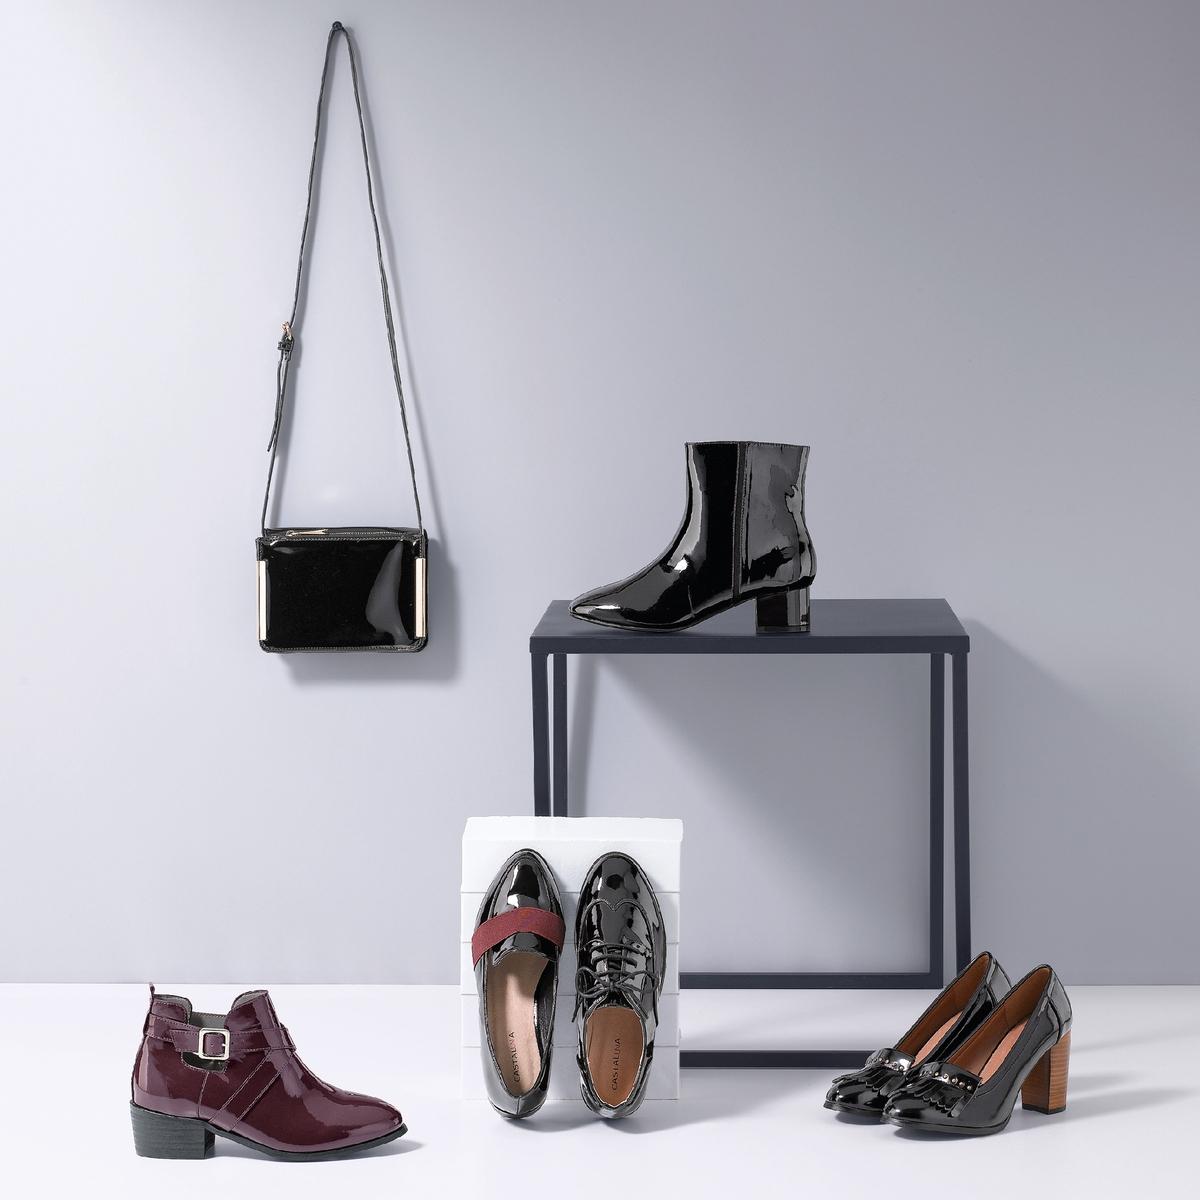 Ботинки-дерби кожаные на широкую ногу, размеры 38-45 ботинки дерби кожаные